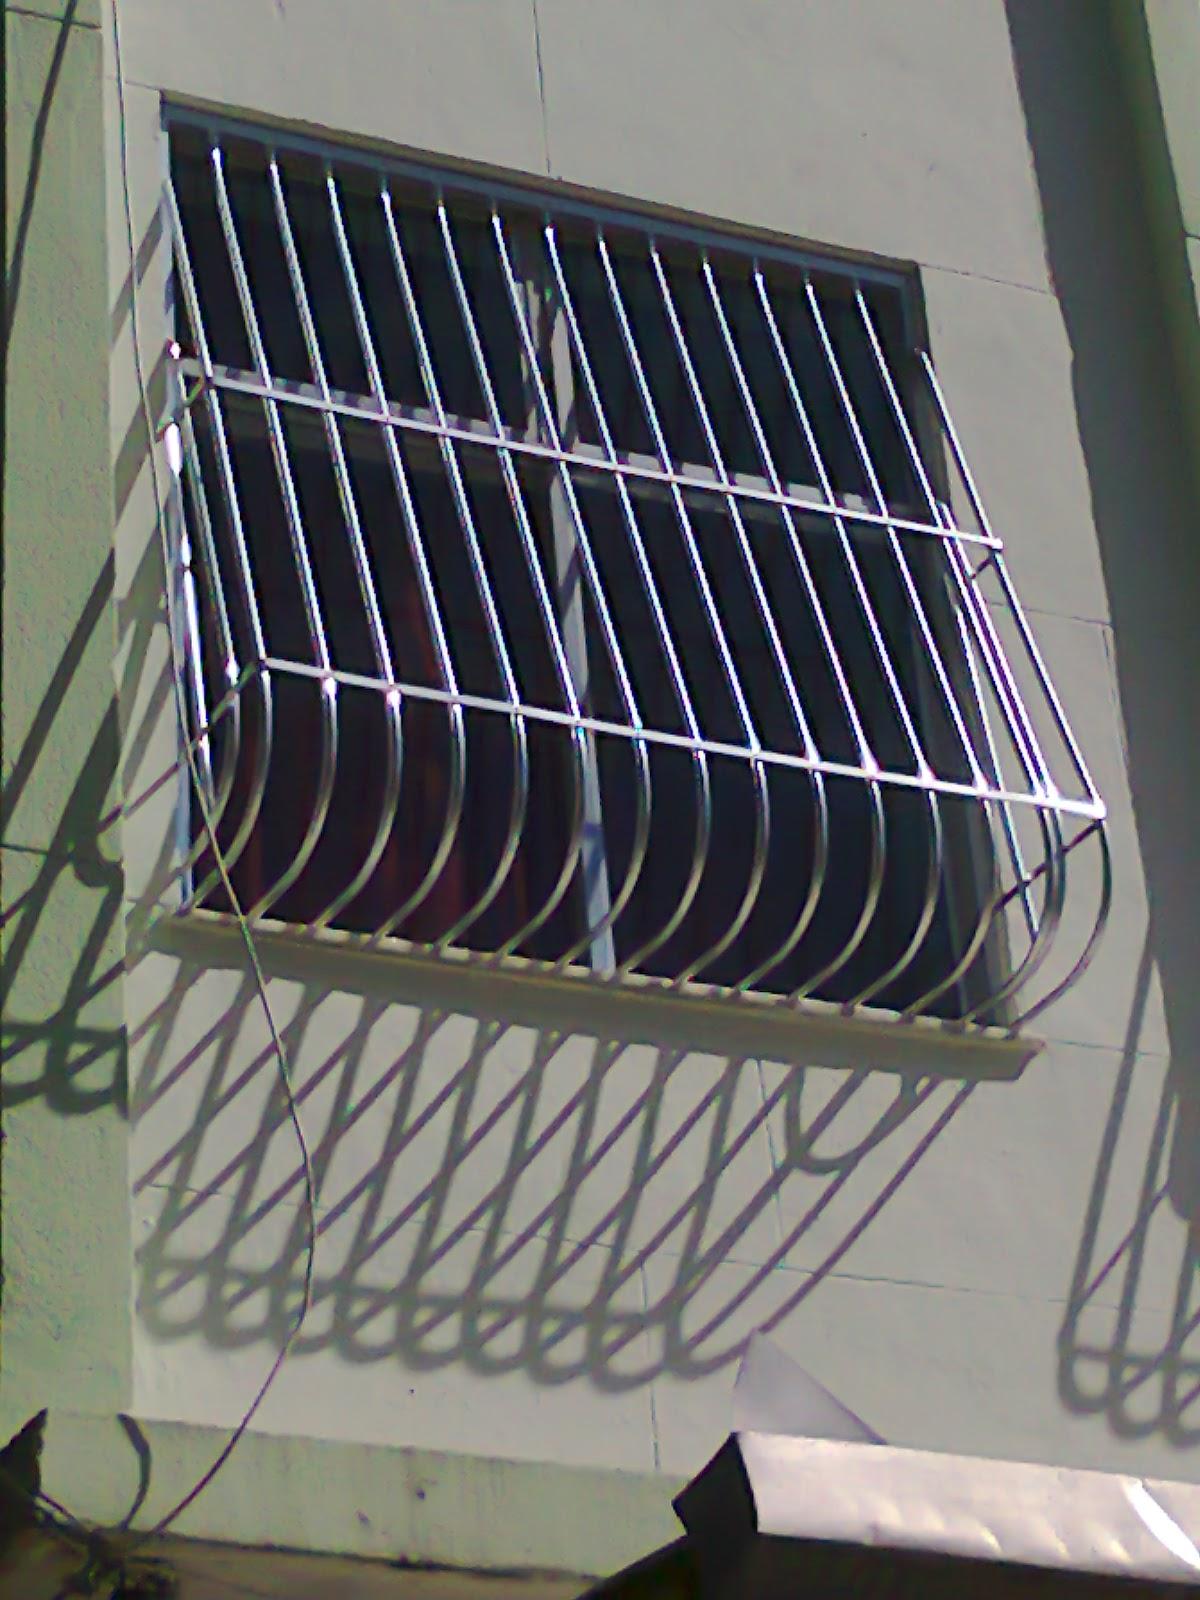 #525879 SERRALHERIA ALUFERMAX DEL CASTILHO RJ ZONA NORTE: Junho 2012 4136 Grade De Ferro Para Janela De Aluminio